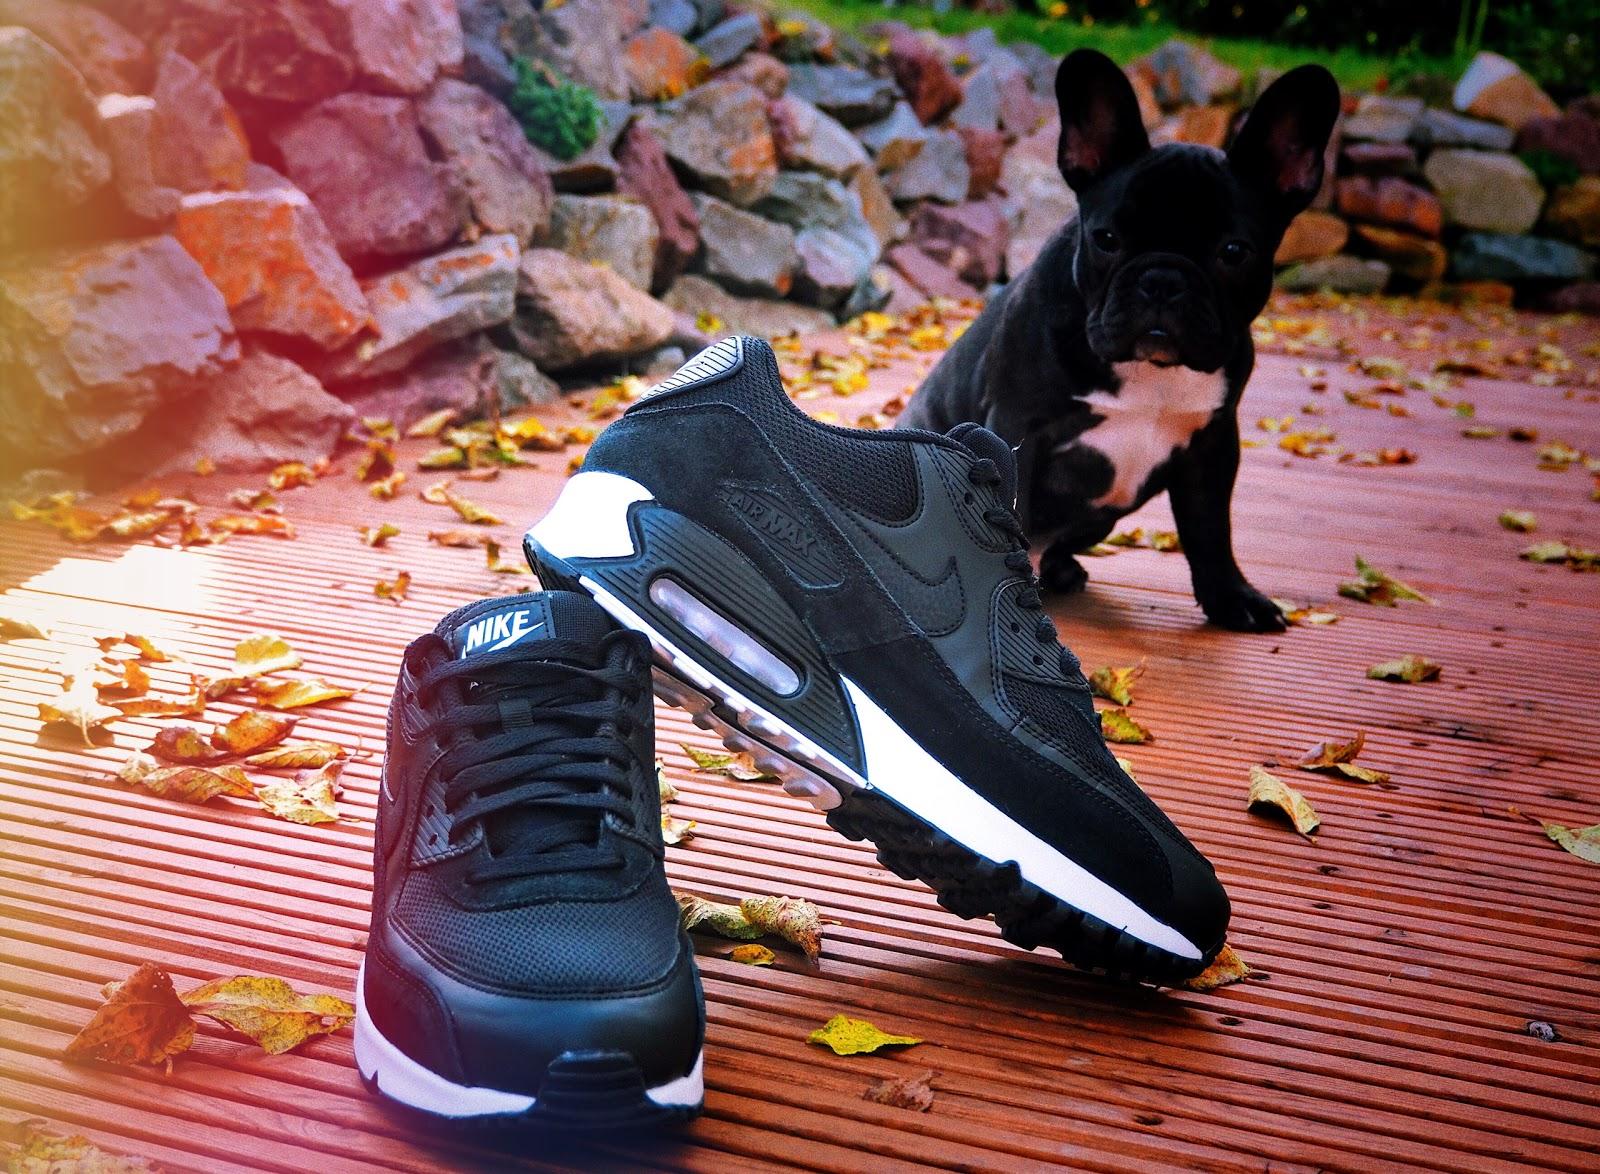 Nike Air Max 90 Essential Sneaker auf einer Holzterrasse auf dem Boden Laub und im Hintergrund eine Natursteinmauer und eine französische Bulldogge